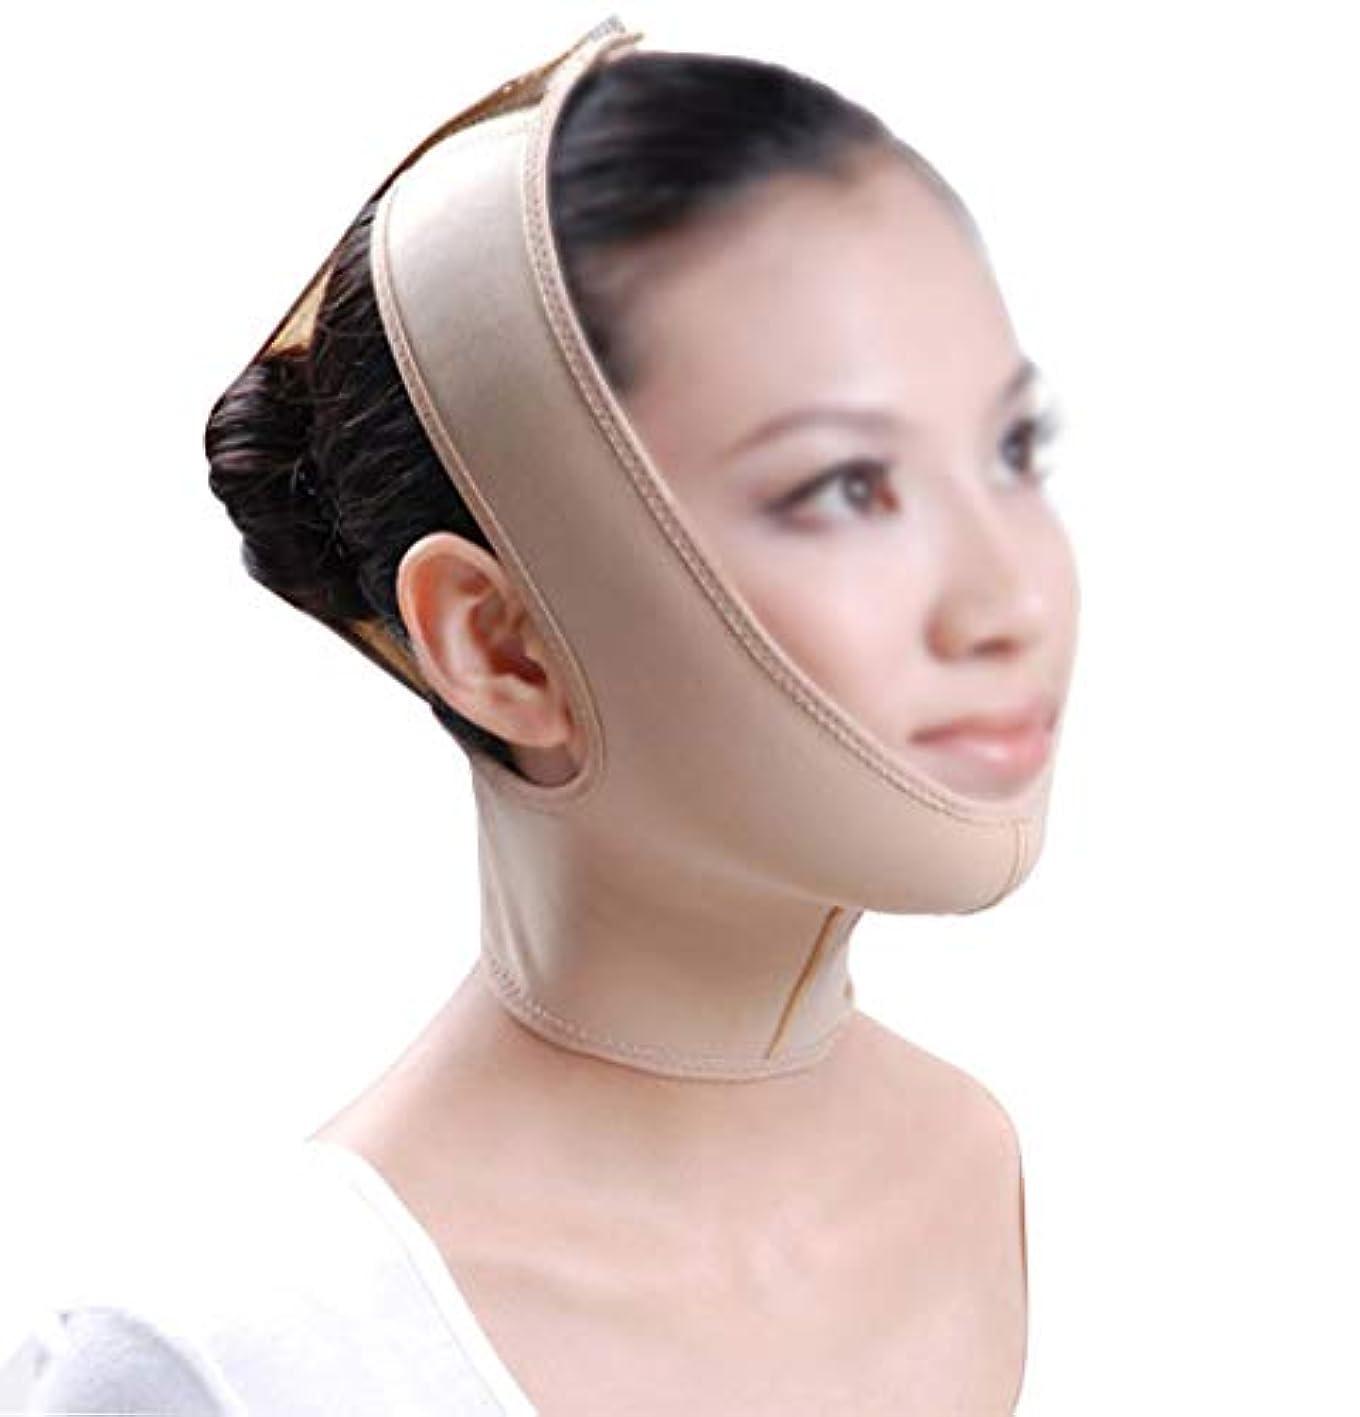 記念品ごめんなさい話をするGLJJQMY 引き締めマスクマスク強力なフェイスリフティングリハビリ弾性フェイスリフティング引き締め首あご整形リハビリチンスリーブ 顔用整形マスク (Size : XL)